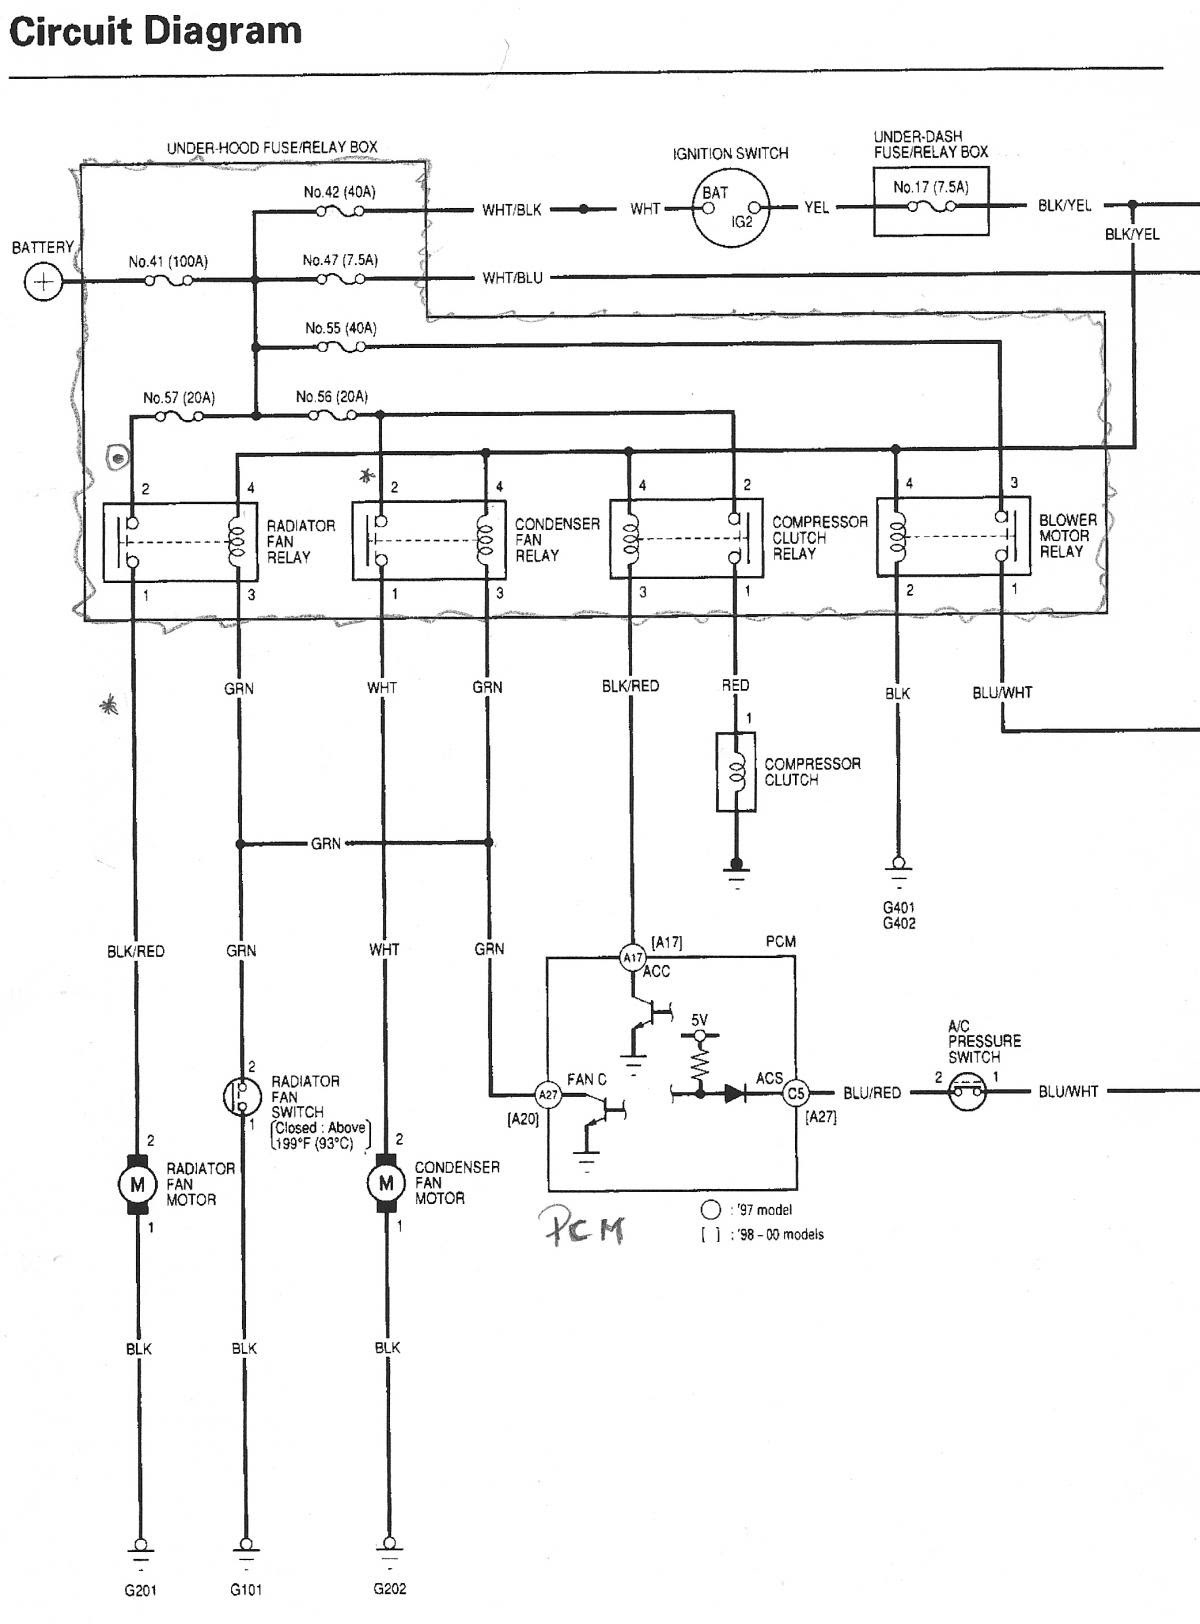 Diagram Honda Civic 2006 Wiring Diagram Uk Full Version Hd Quality Diagram Uk Diagrampridea Camperlot It